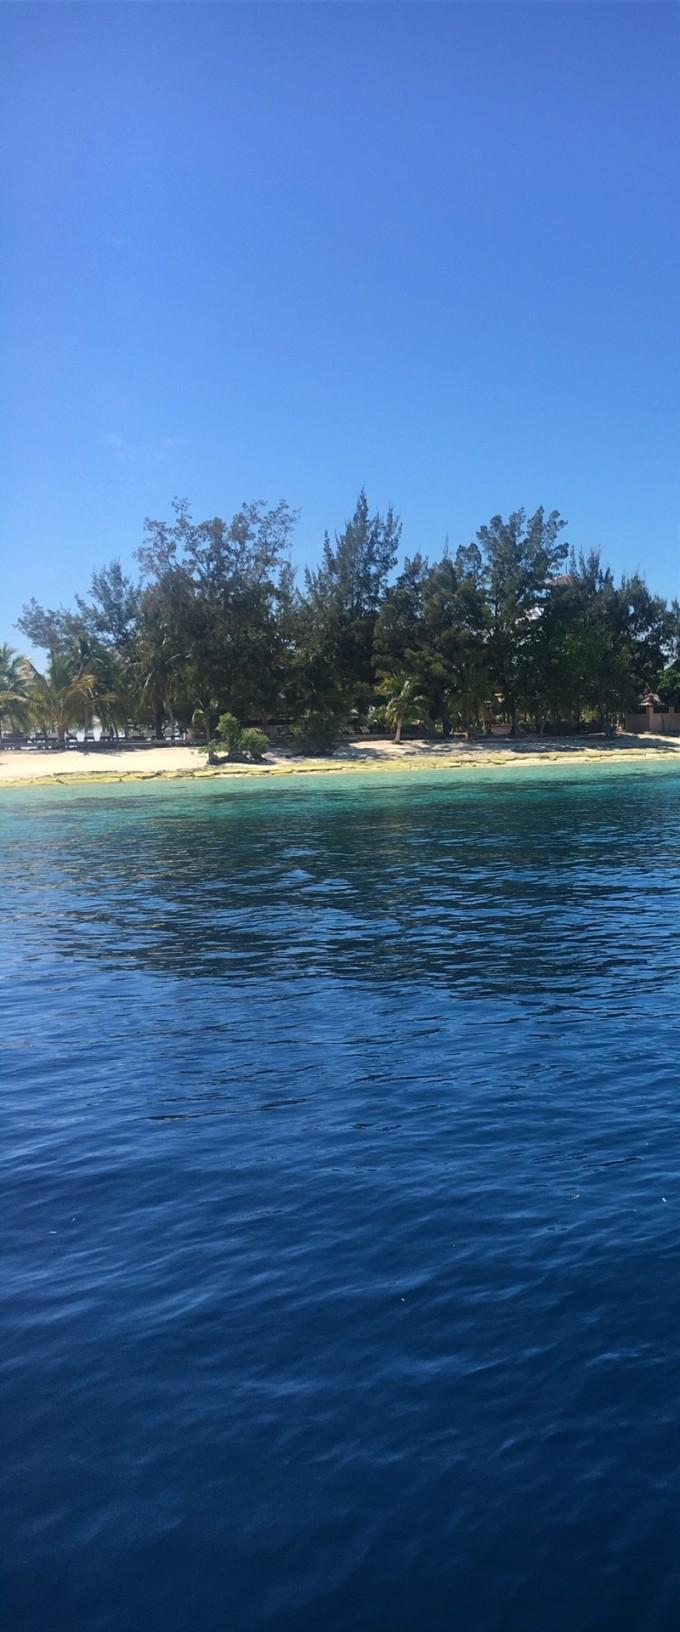 第三天我们去了大小马达京,跟龙珠岛,这是我三天来觉得海里风景最漂亮